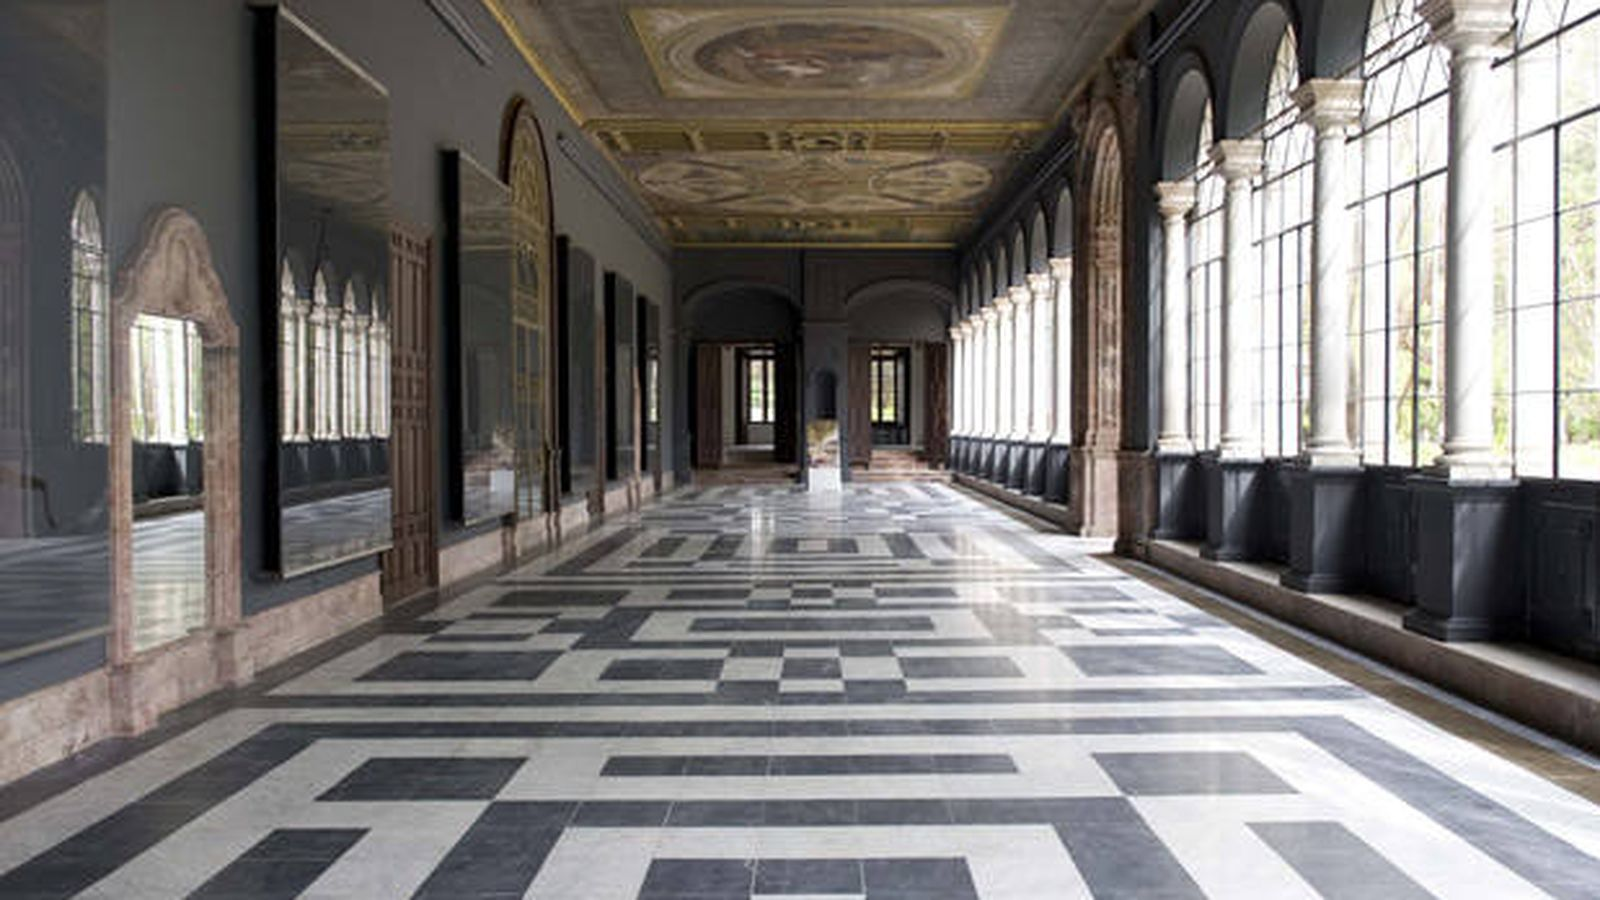 Foto: Uno de los espacios de la sede de Presidencia. (Web de la Junta de Andalucía)